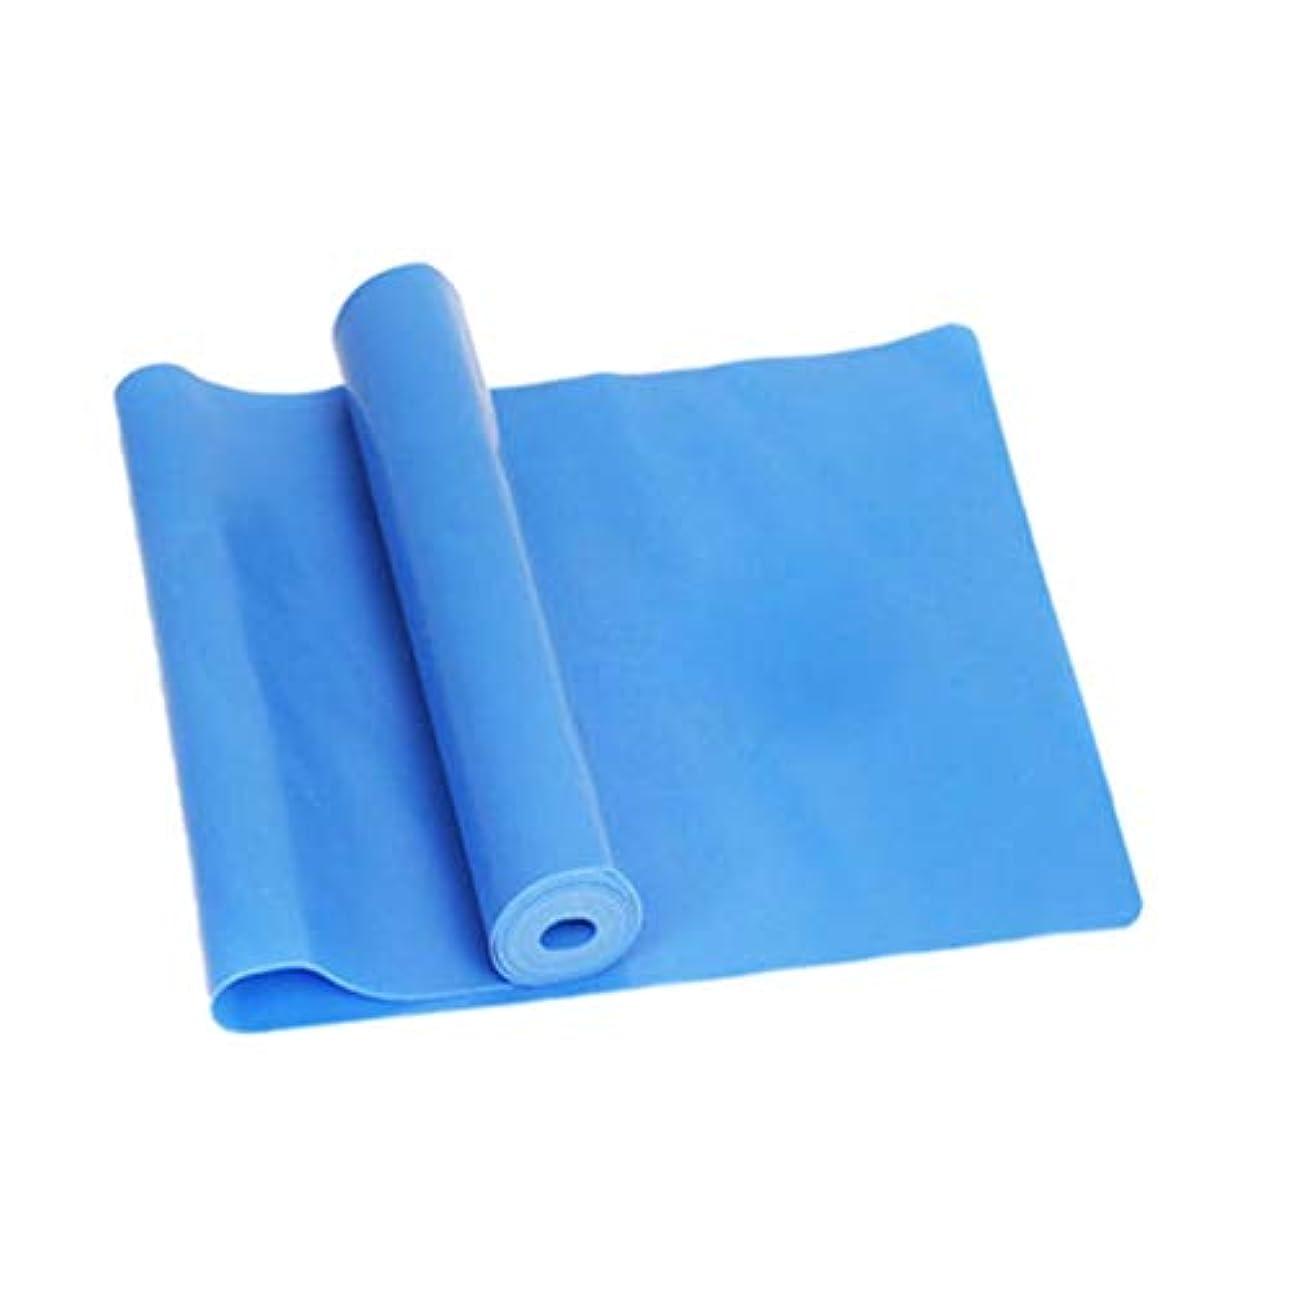 やる自分自身暖かくスポーツジムフィットネスヨガ機器筋力トレーニング弾性抵抗バンドトレーニングヨガゴムループスポーツピラティスバンド-ブルー